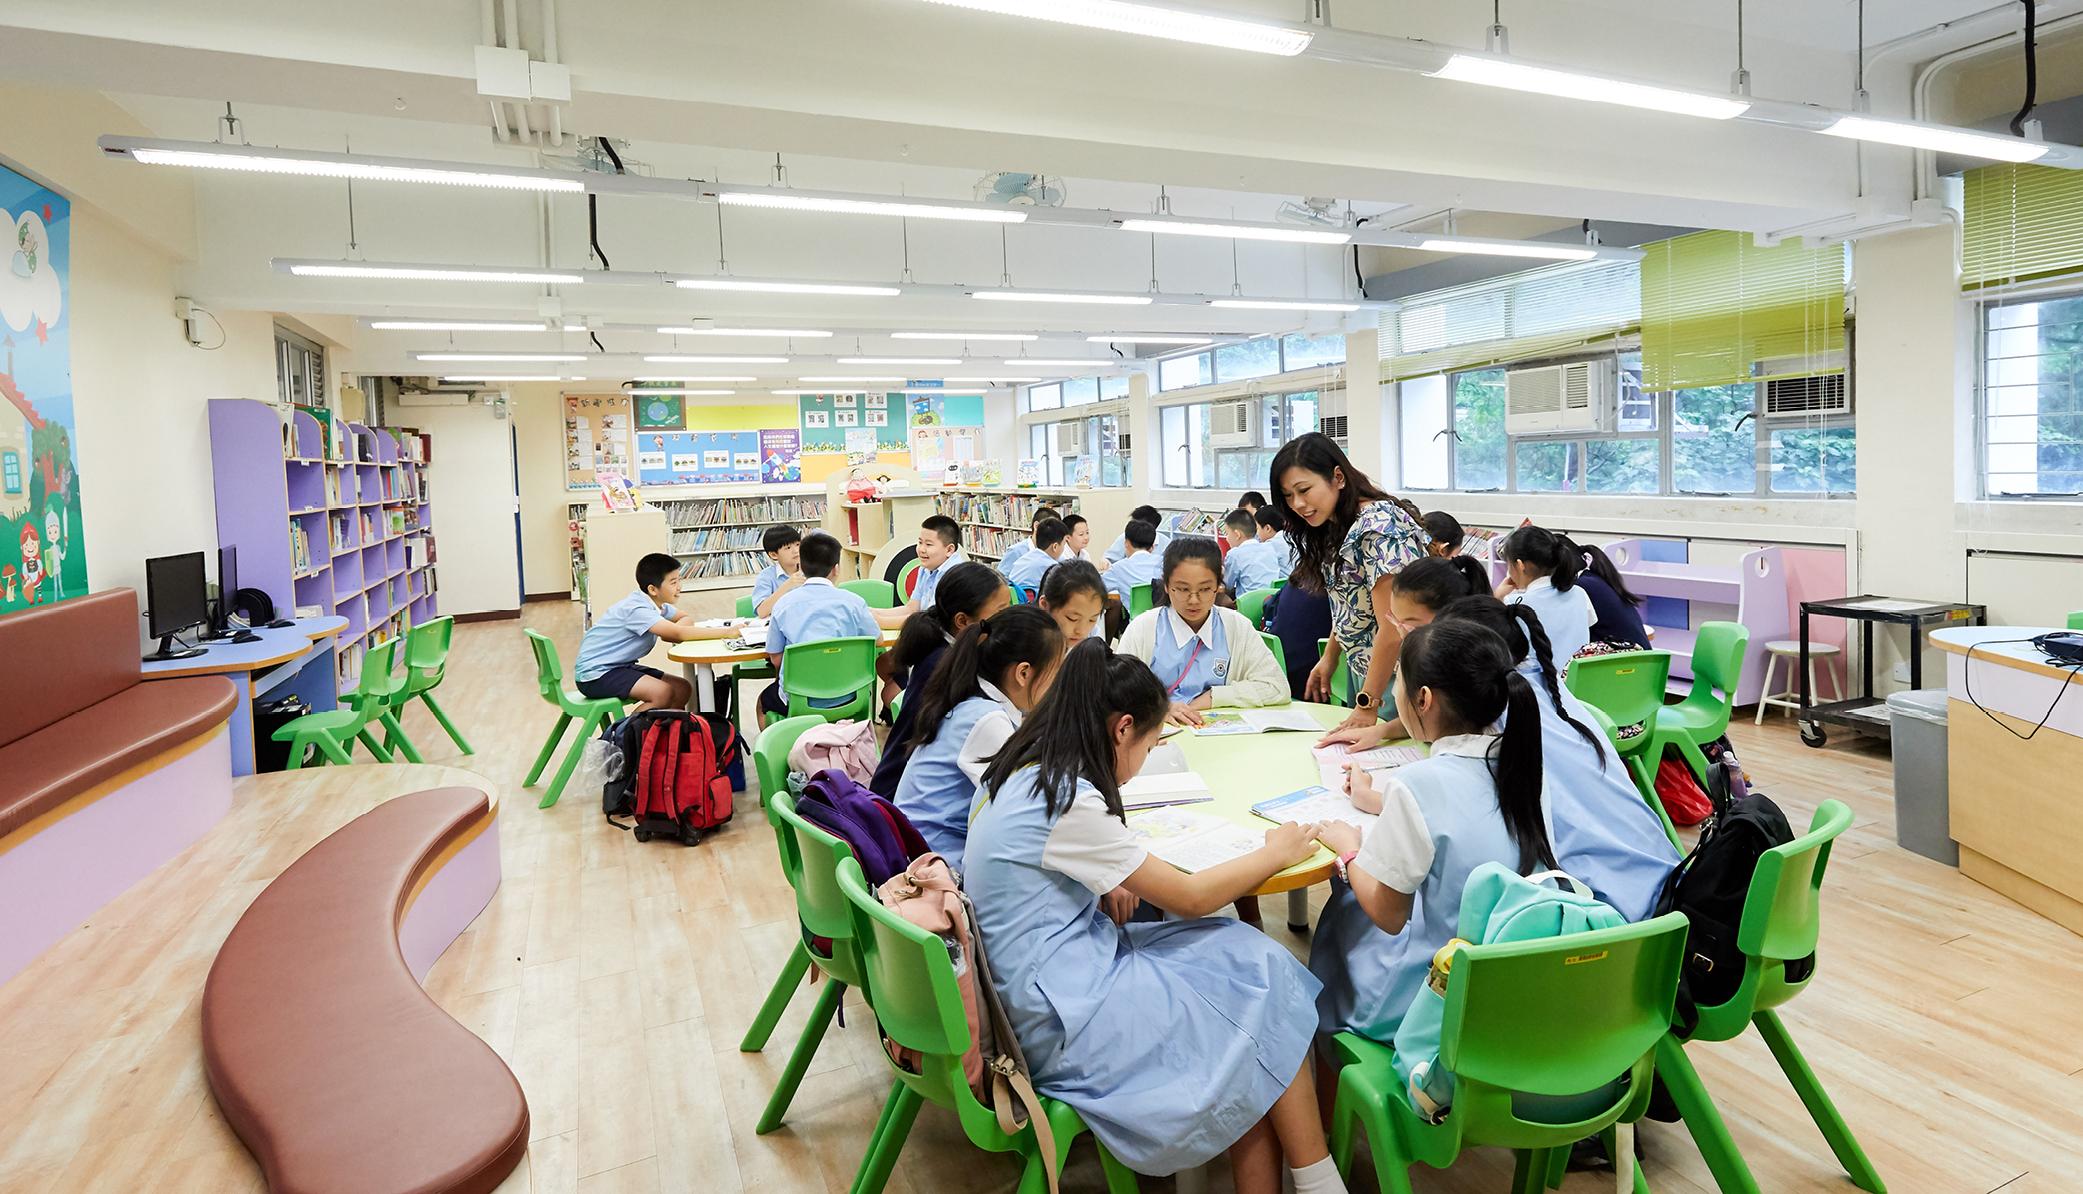 教育傳媒:中英數主科在專科專教的帶動下,學生成績取得很大的進步。